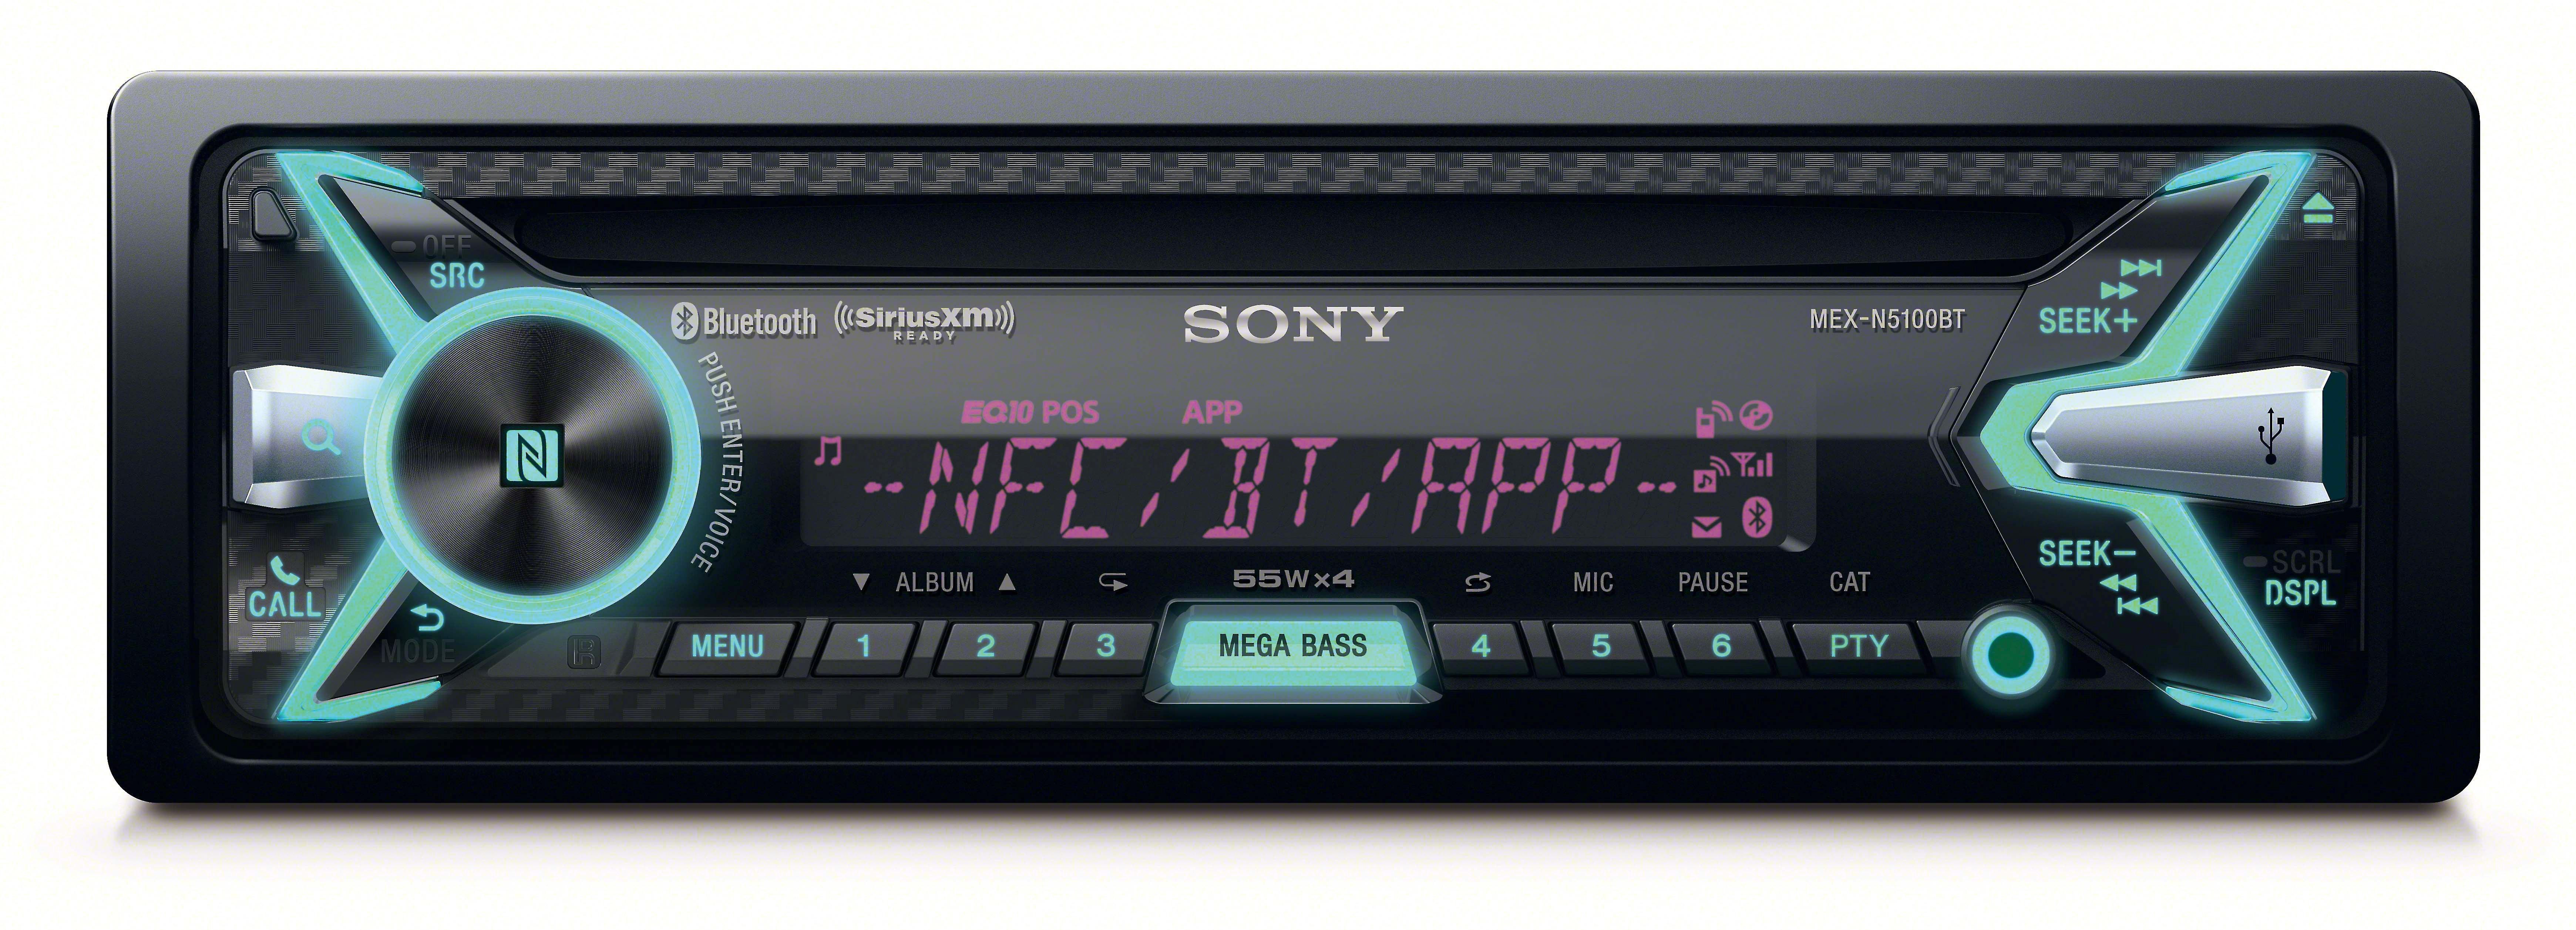 Sony MEX-N5100BT CD receiver at Crutchfield